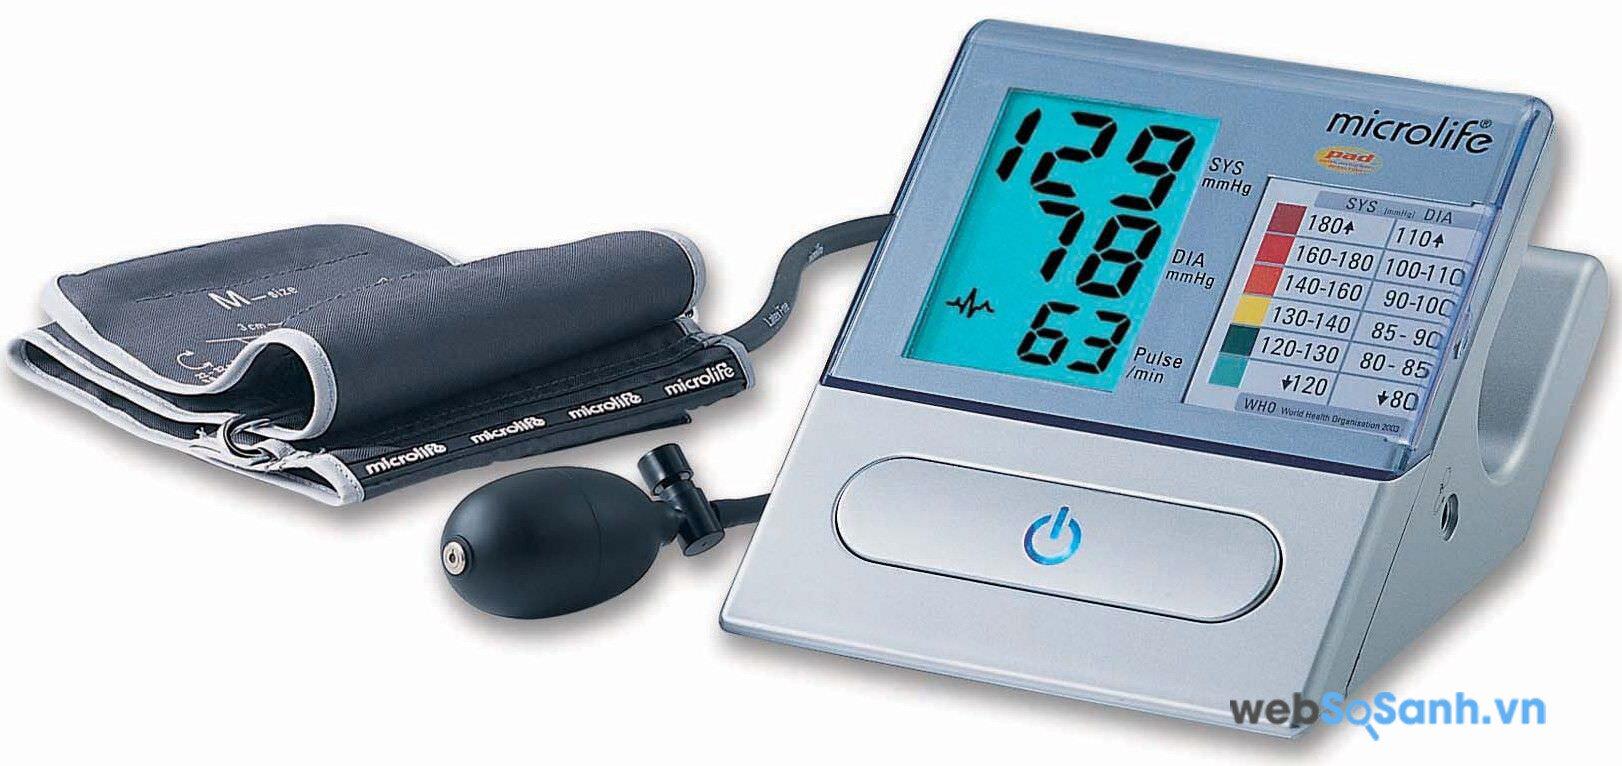 Bảng giá máy đo huyết áp điện tử trên thị trường 2015